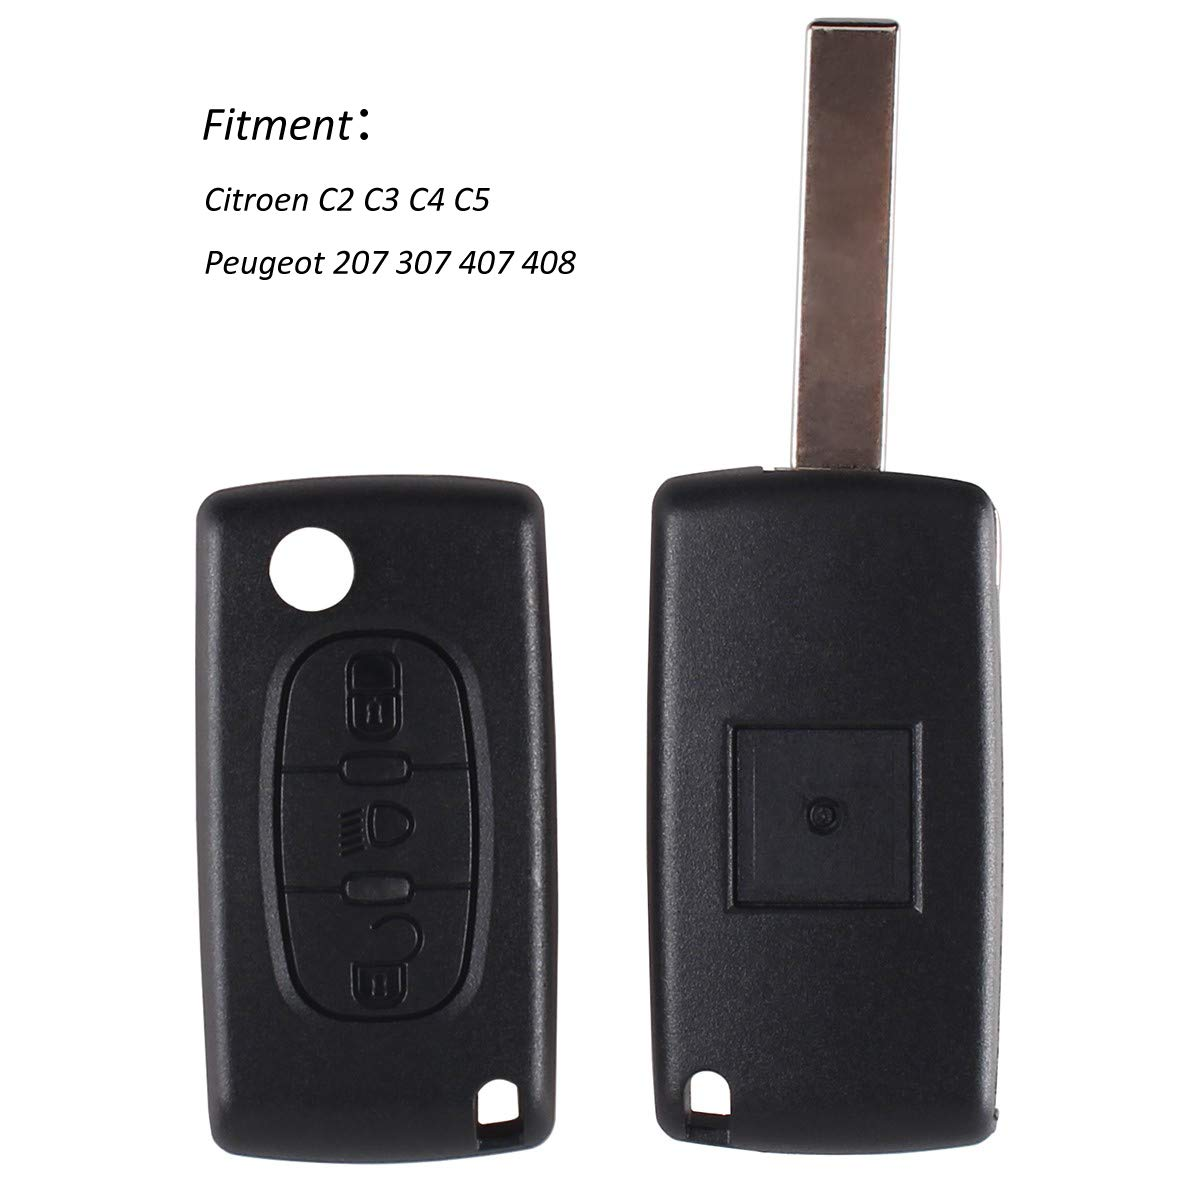 Auto et Moto 3Bouton clé fob Télécommande à rabat pour Citroen C2C3C4C5C6C8XSARA PICASSO